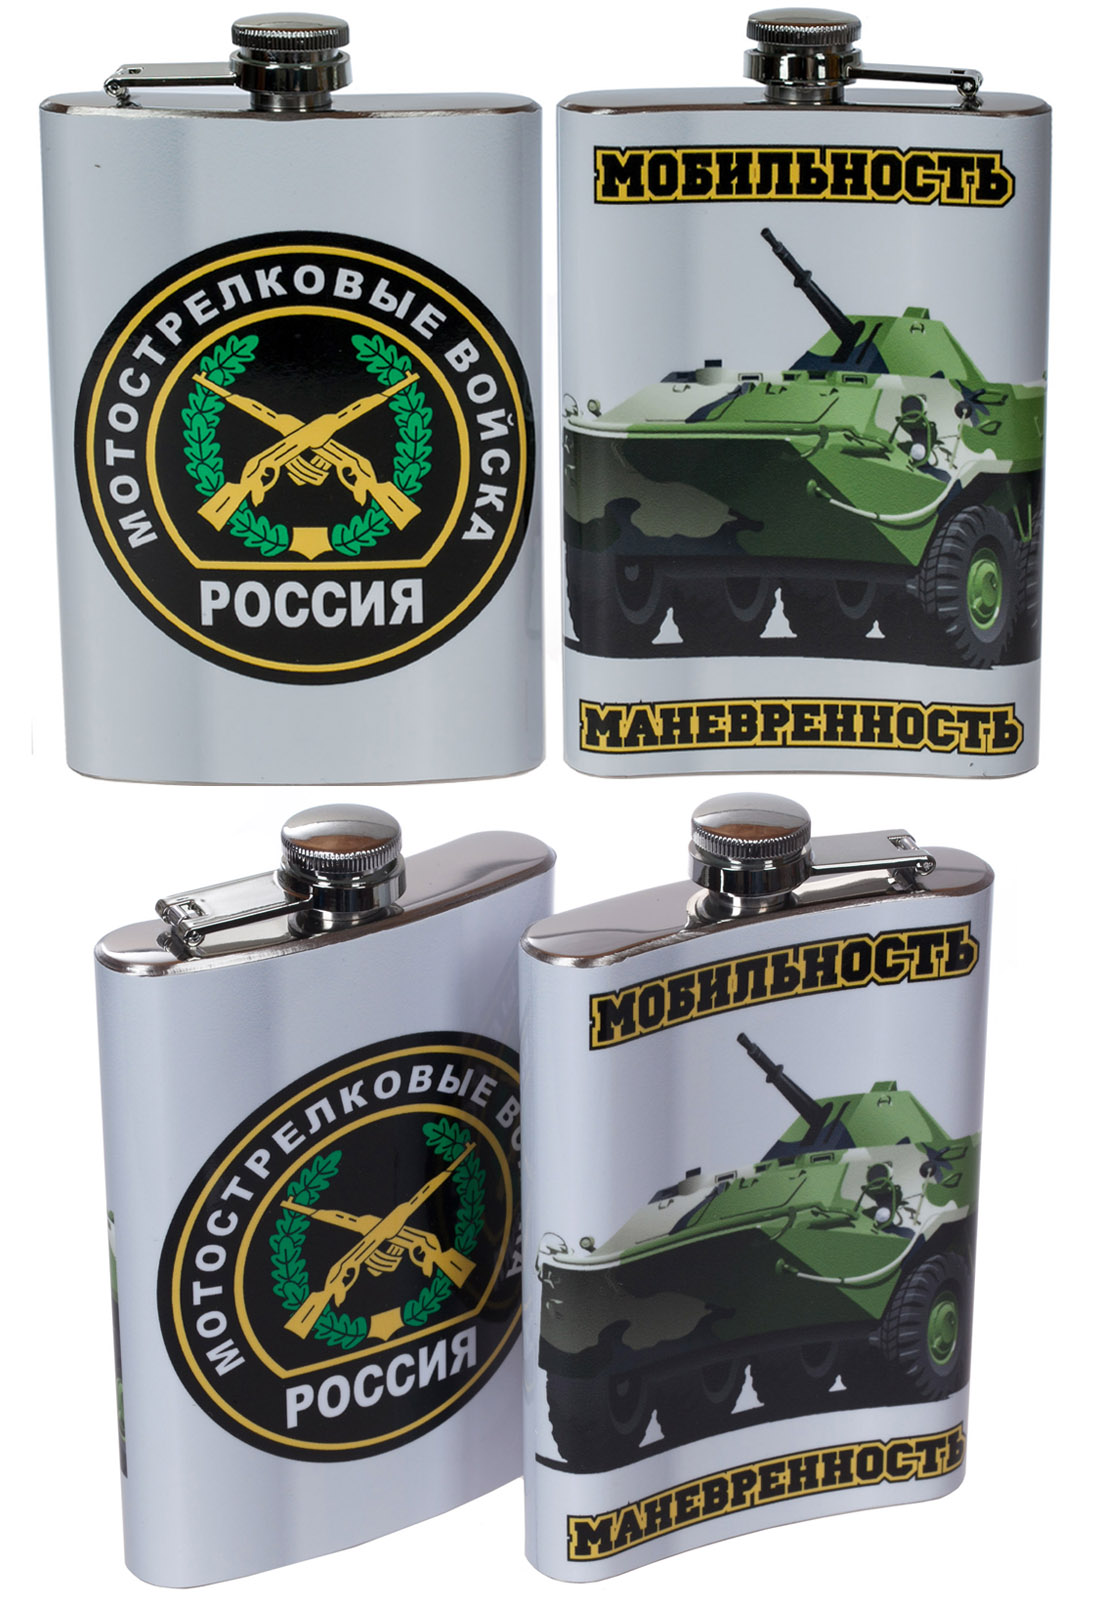 Фляжка «Мотострелковые Войска» купить в подарок военному